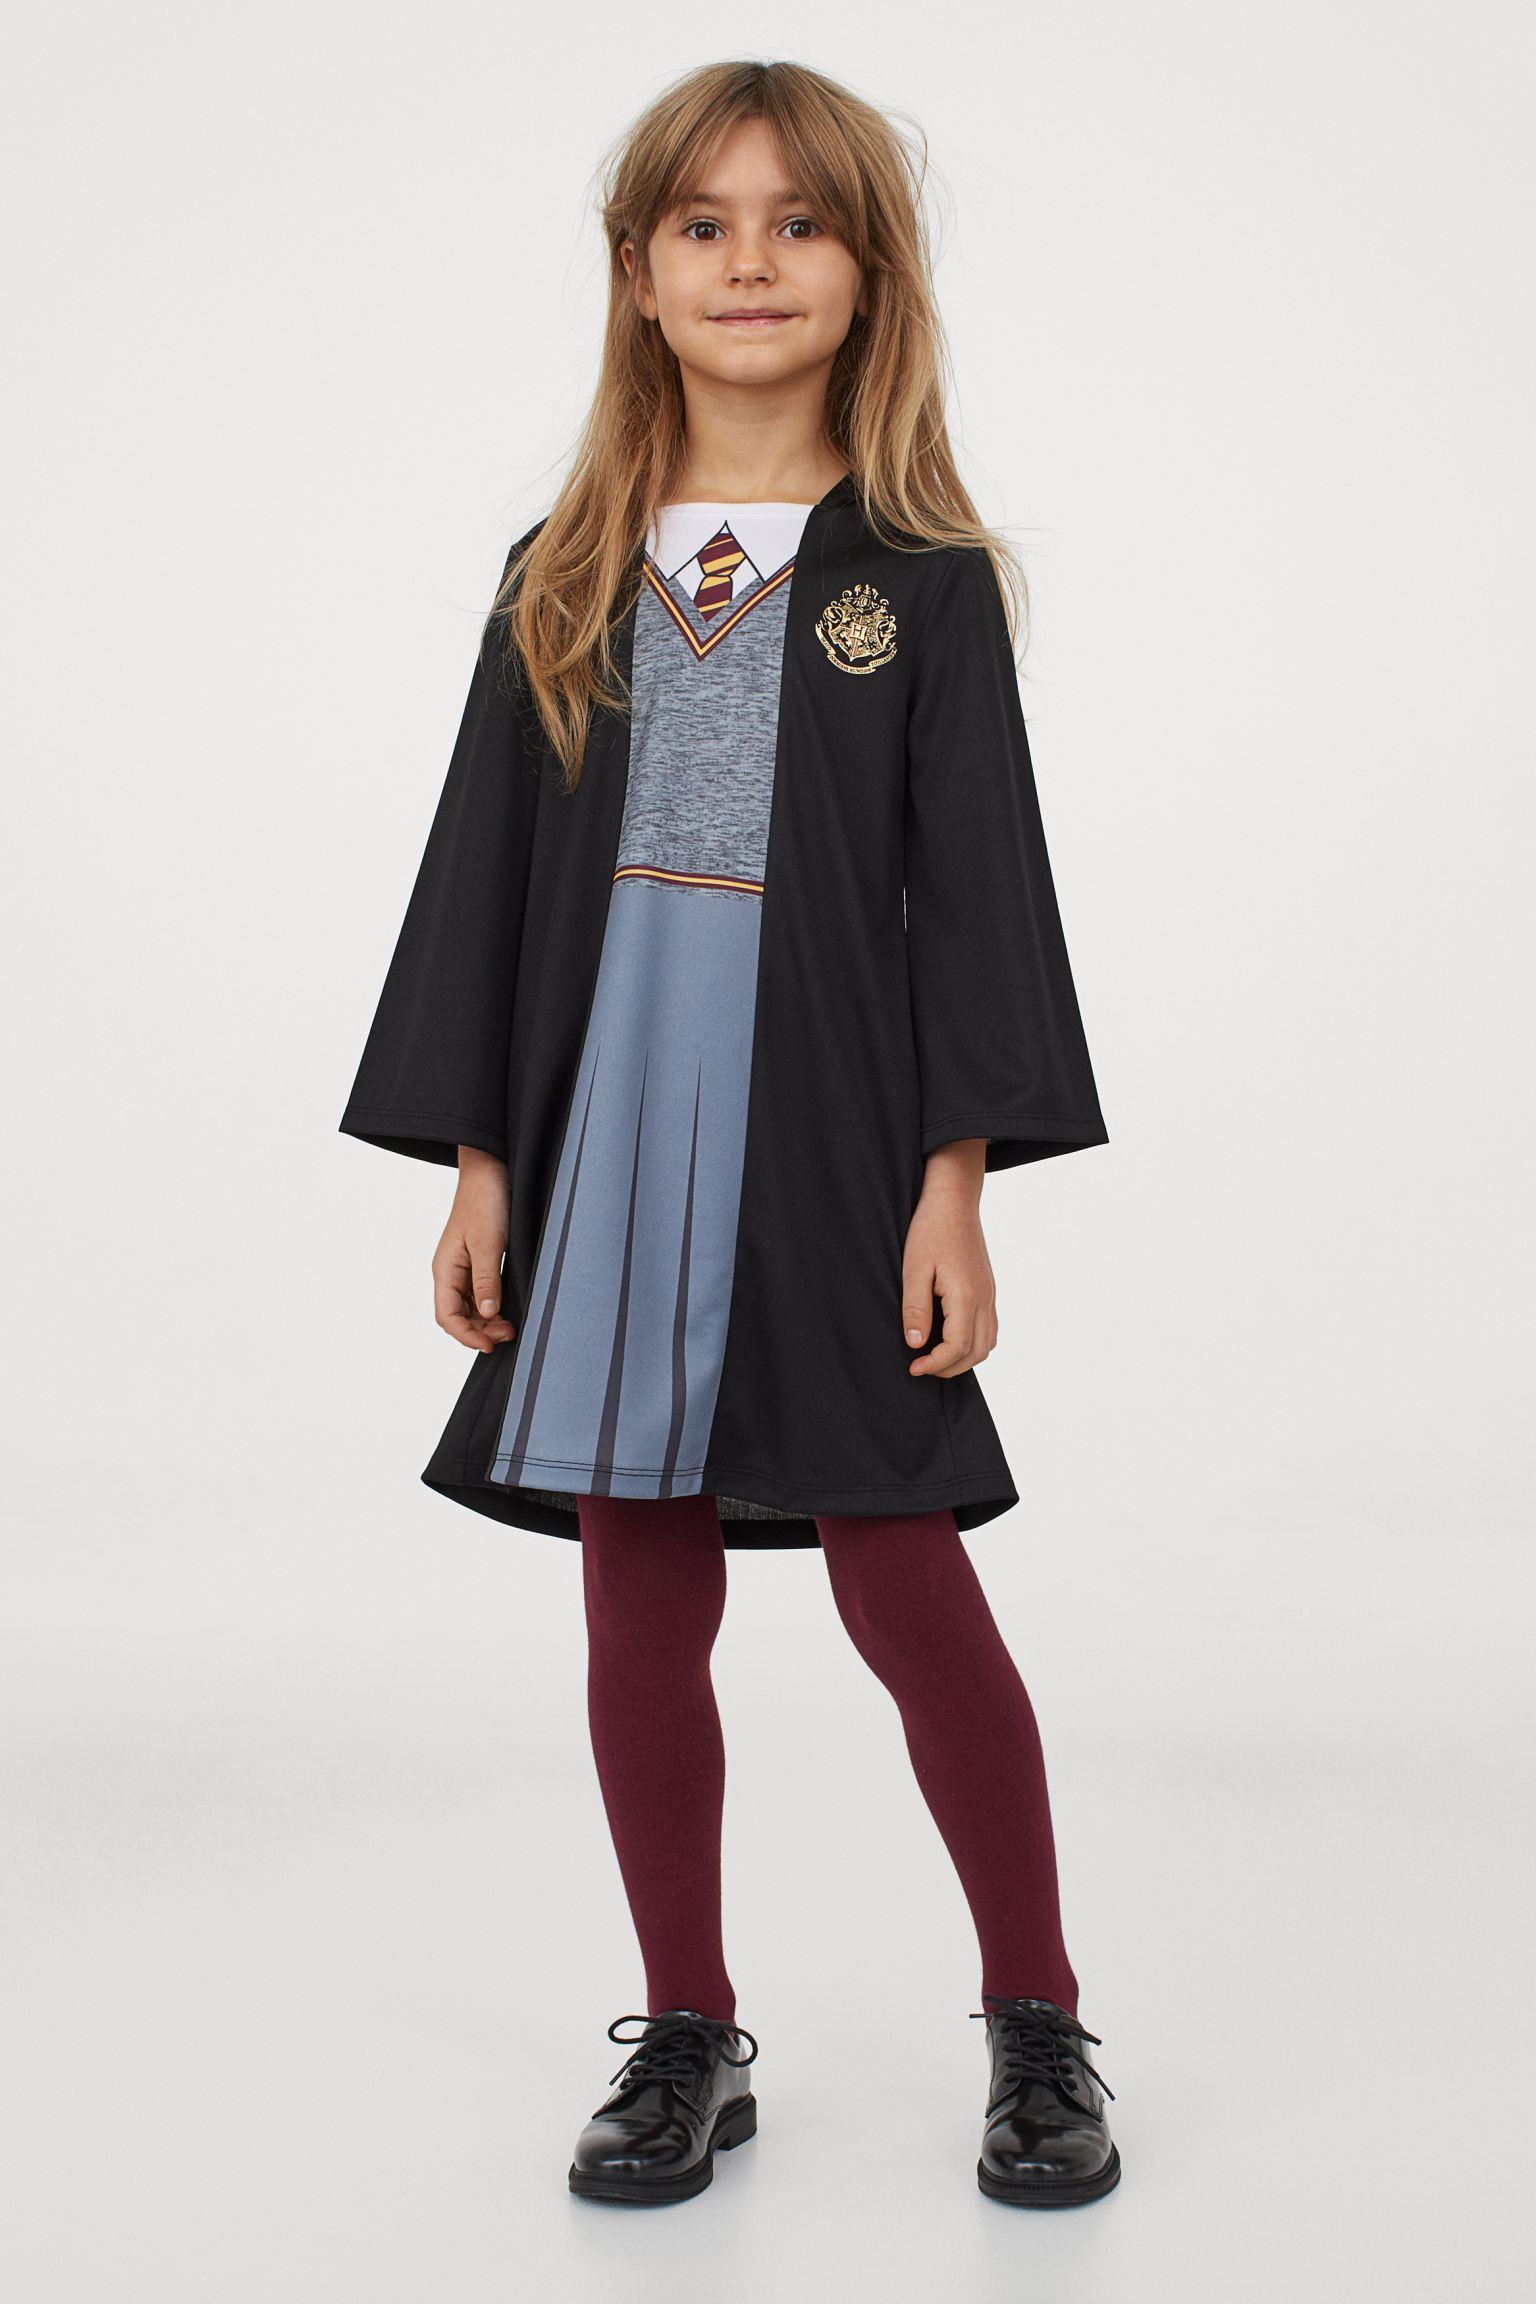 Disfraz de Hermione